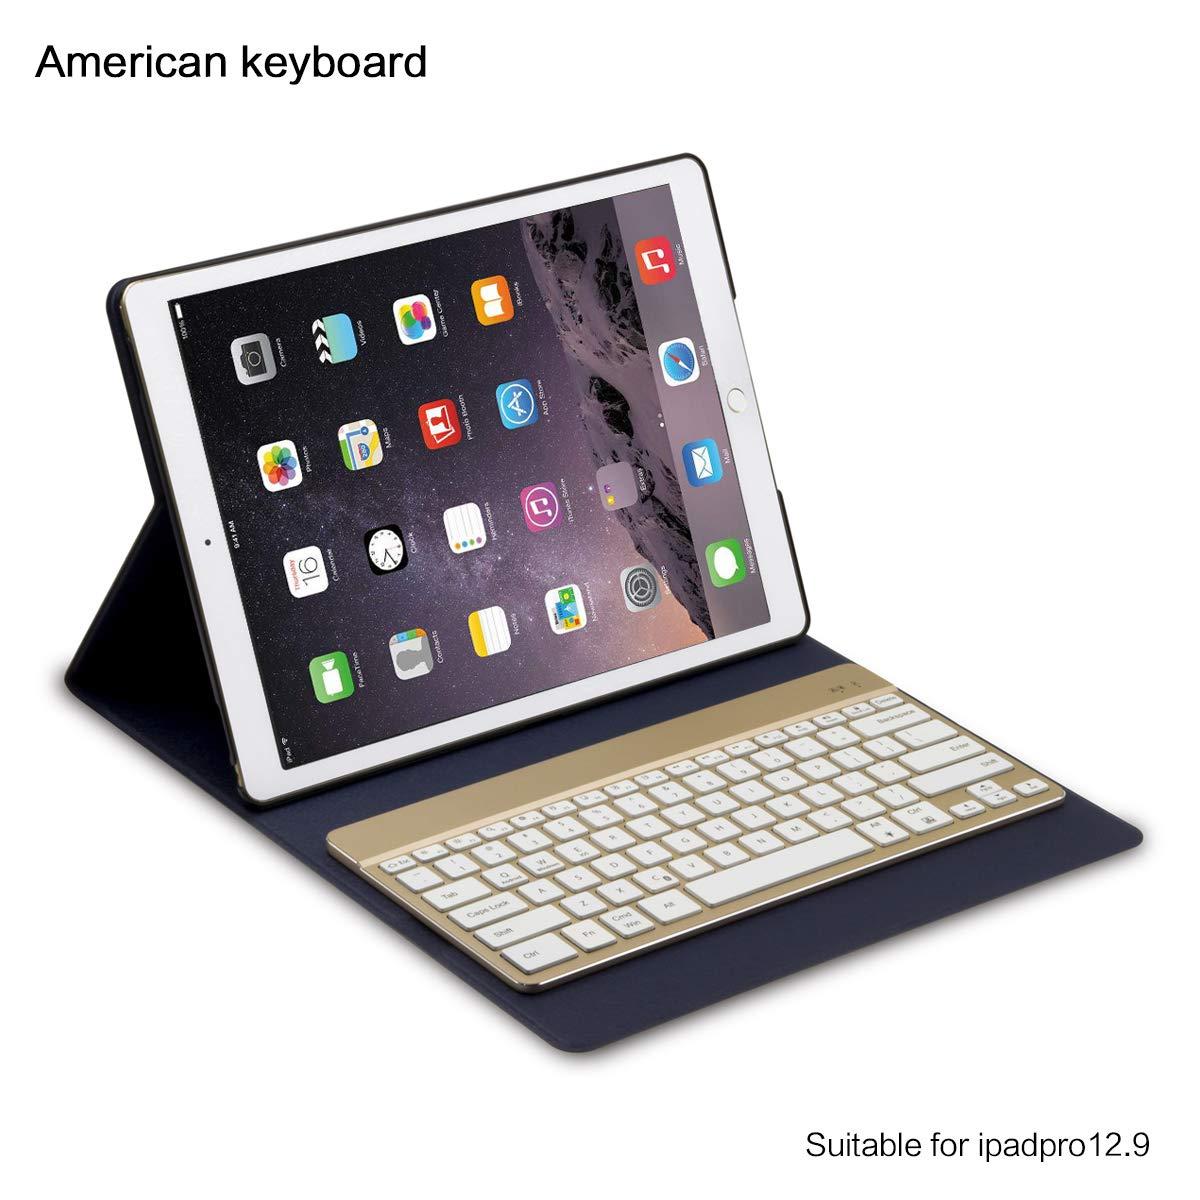 早い者勝ち AICEDA iPad RV49-1K-791 Pro B07L1RTTG4 12.9ケース 超薄型 落下防止グリップ プレミアム素材 フルプロテクション AICEDA スリムプレミアムカバー iPad Pro 12.9インチ専用デザイン ゴールド, RV49-1K-791 ダークブルー B07L1RTTG4, 明宝ハム楽天市場shop:b3f19024 --- a0267596.xsph.ru